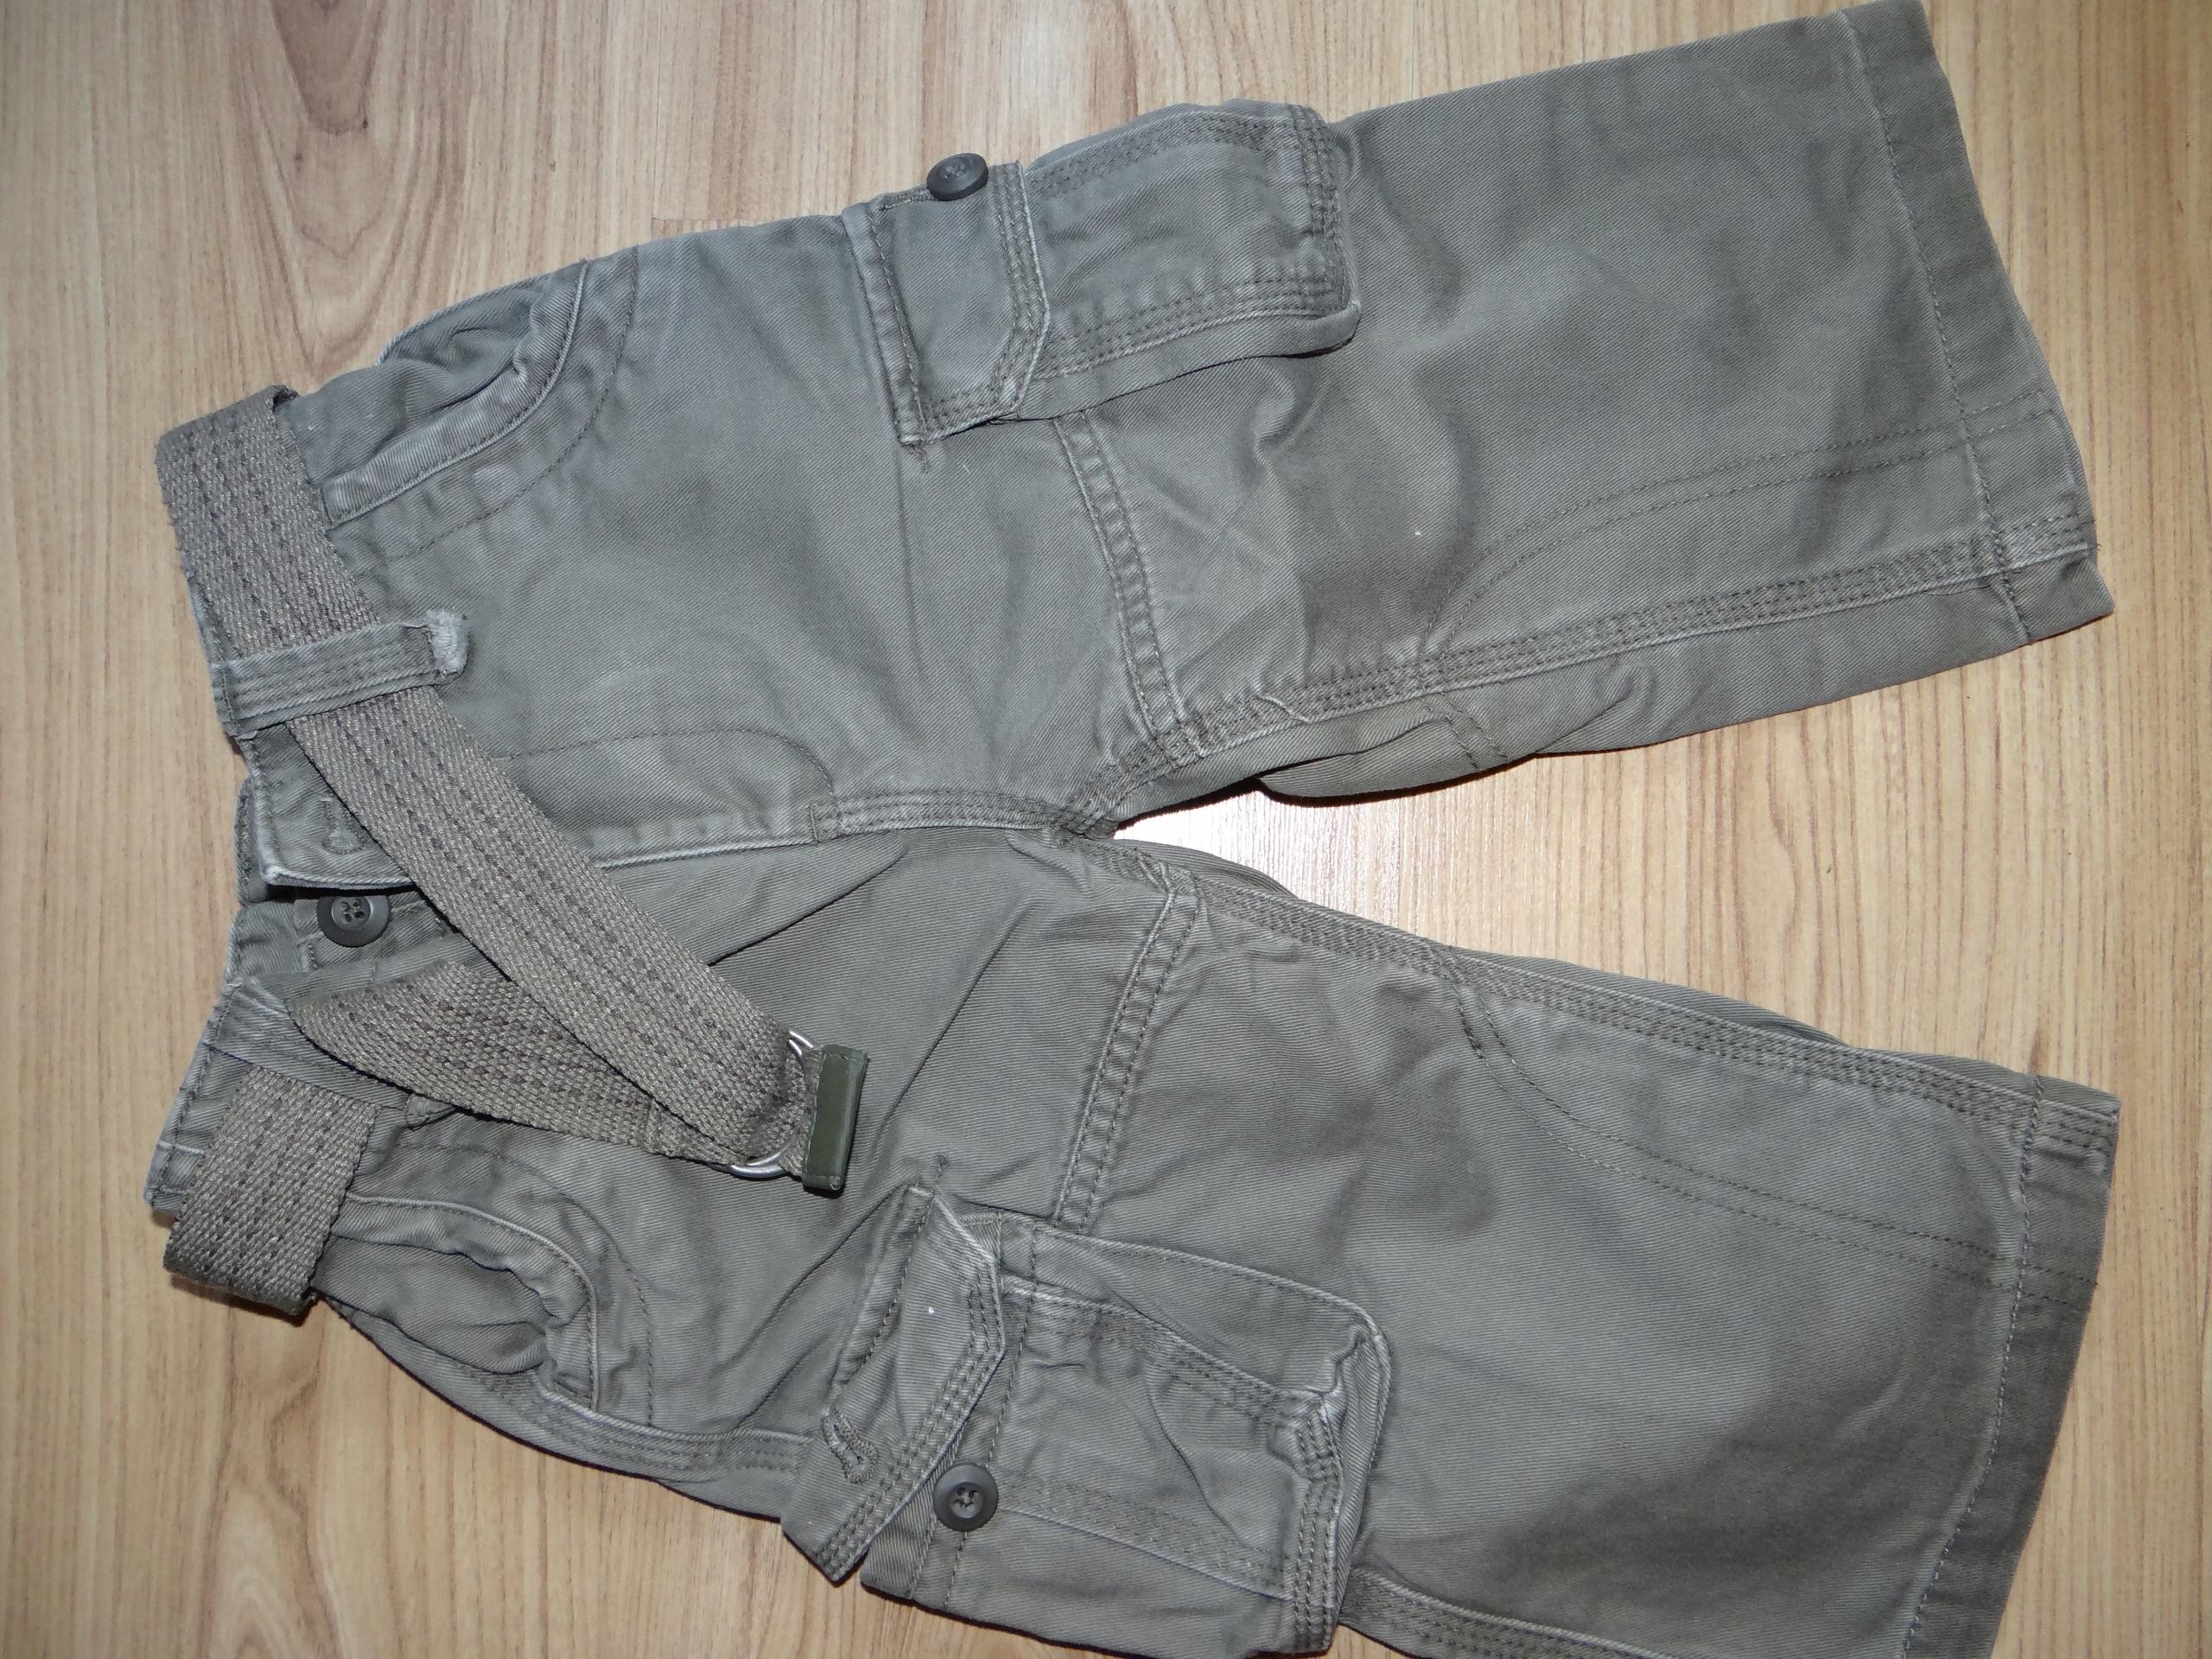 Spodnie jeans khaki z paskiem George 86 cm,polecam